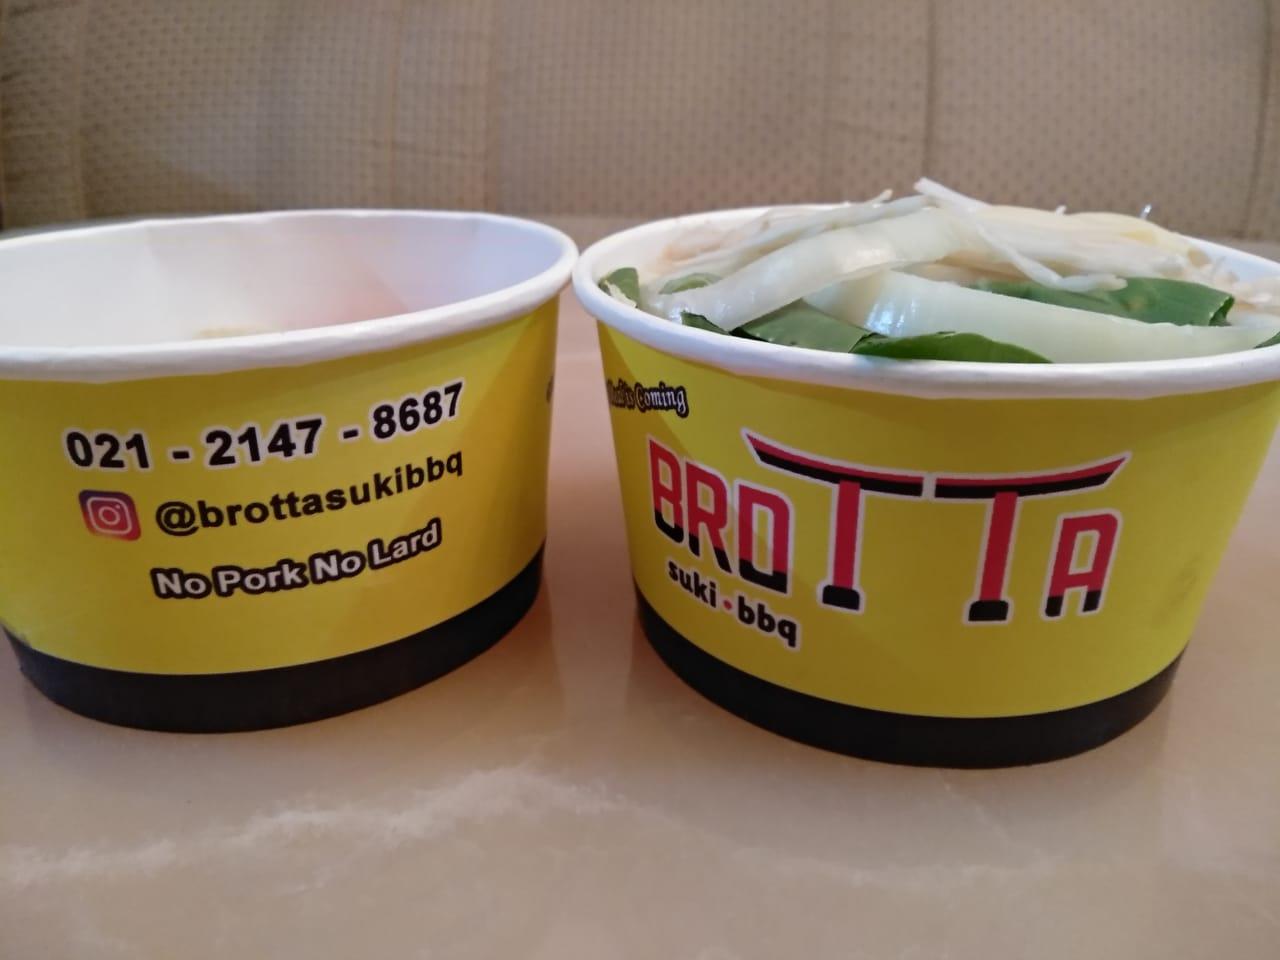 Paket take away Brotta Suki BBQ